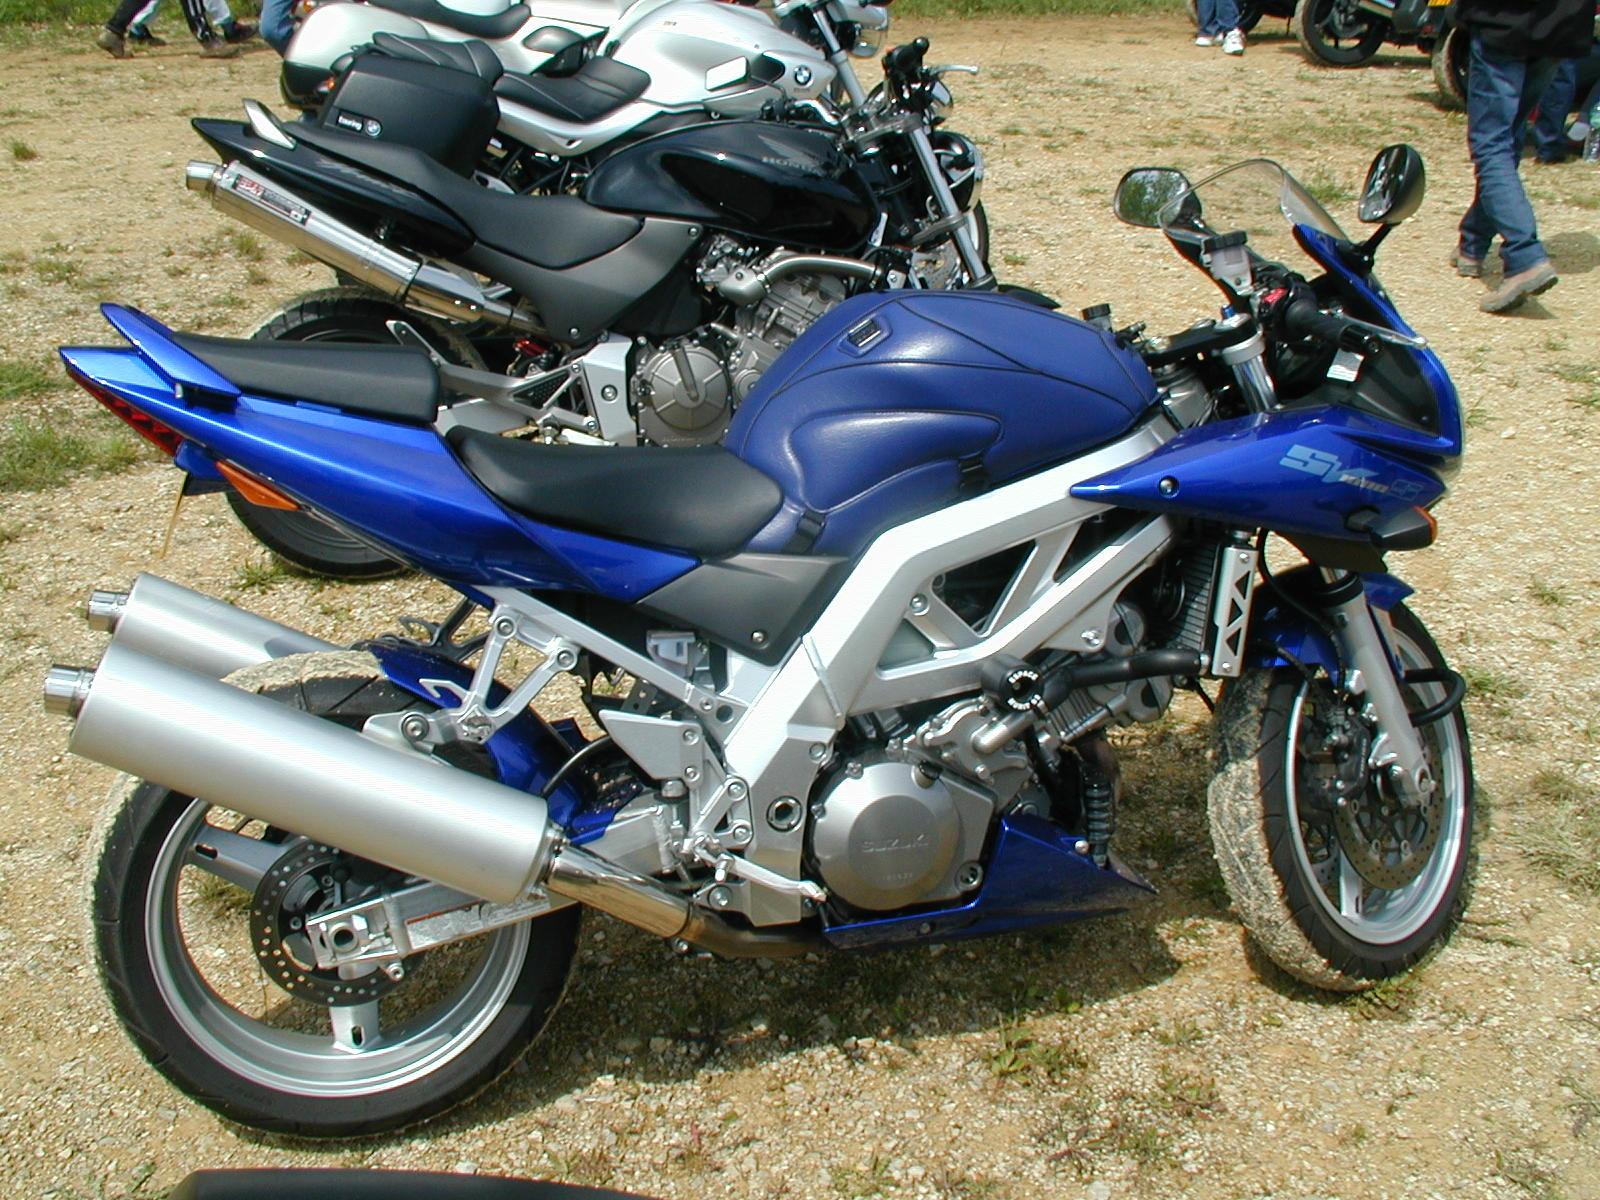 Suzuki Svs